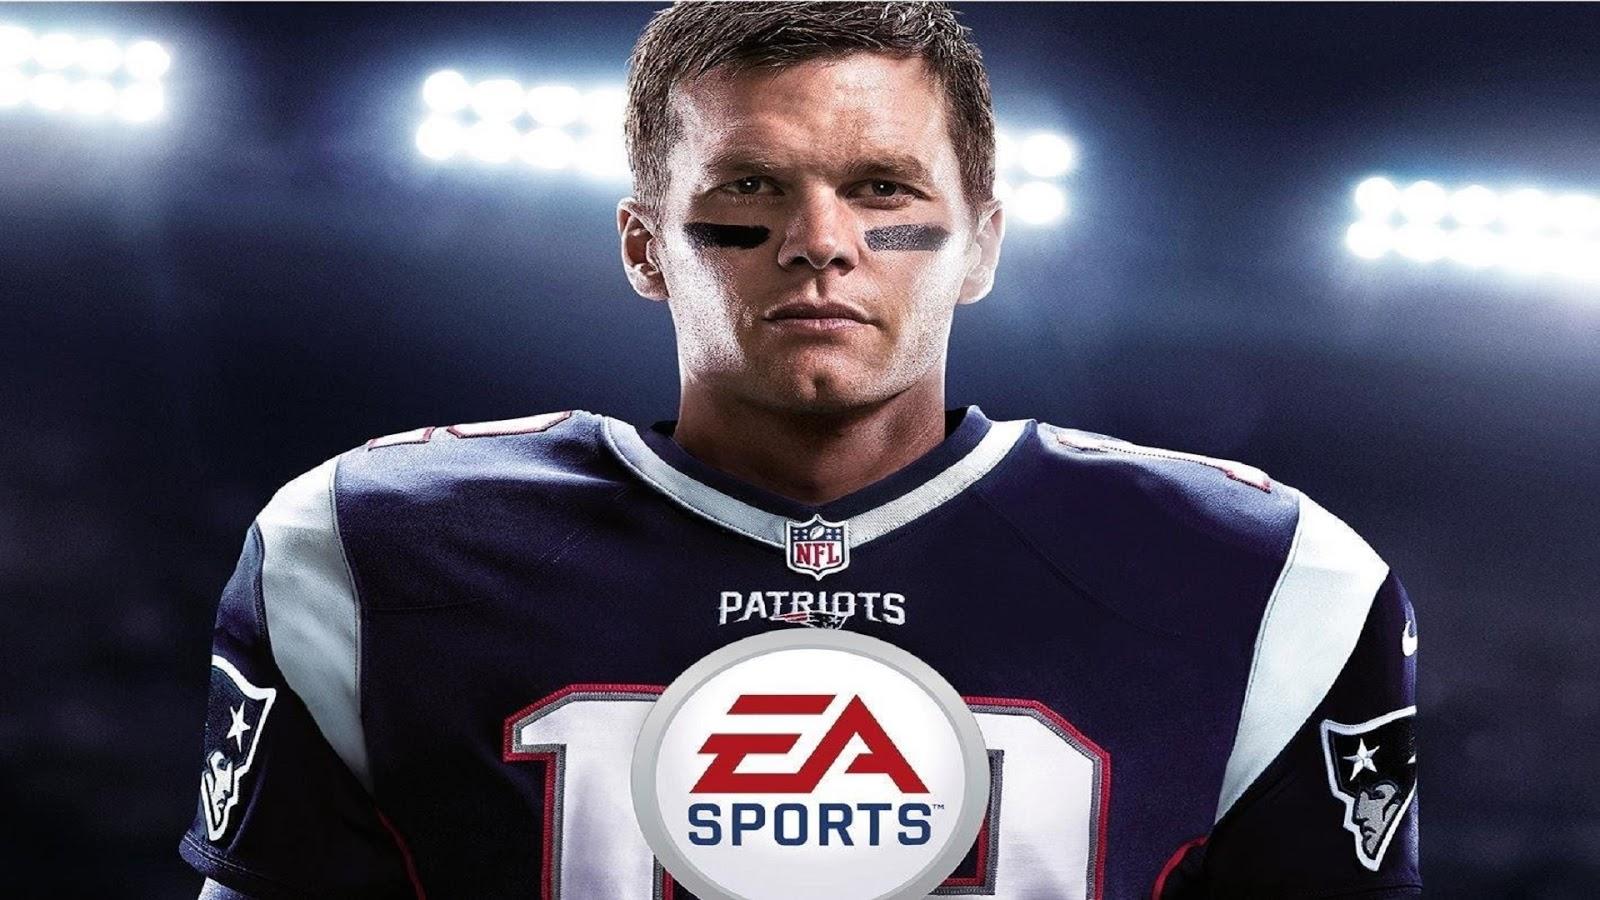 Madden NFL 18 Latest Wallpaper